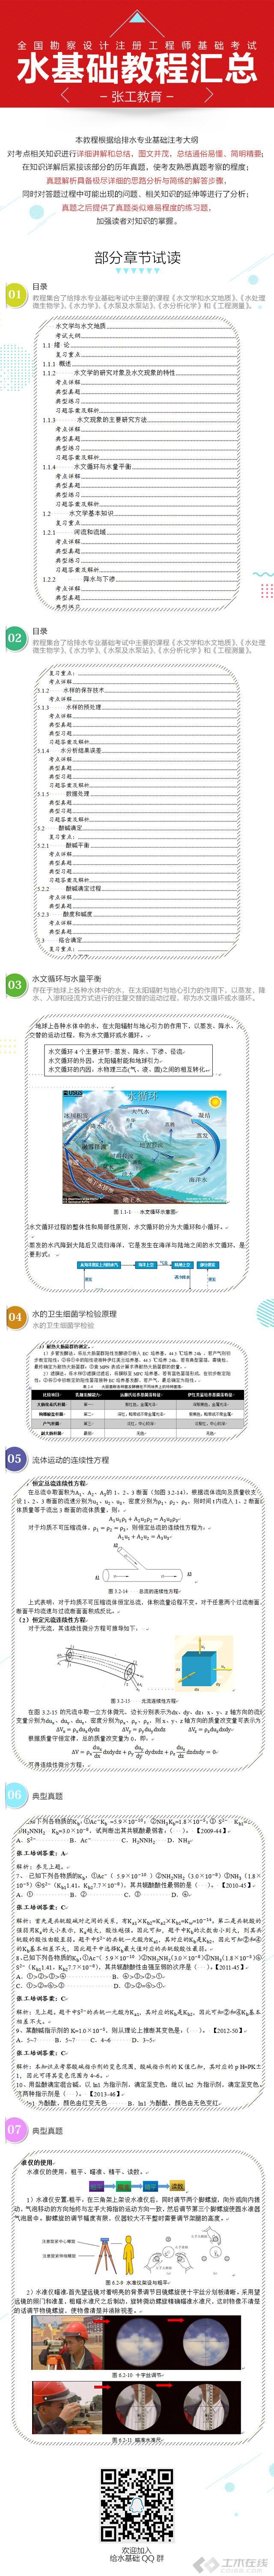 注册给排水工程师图片1